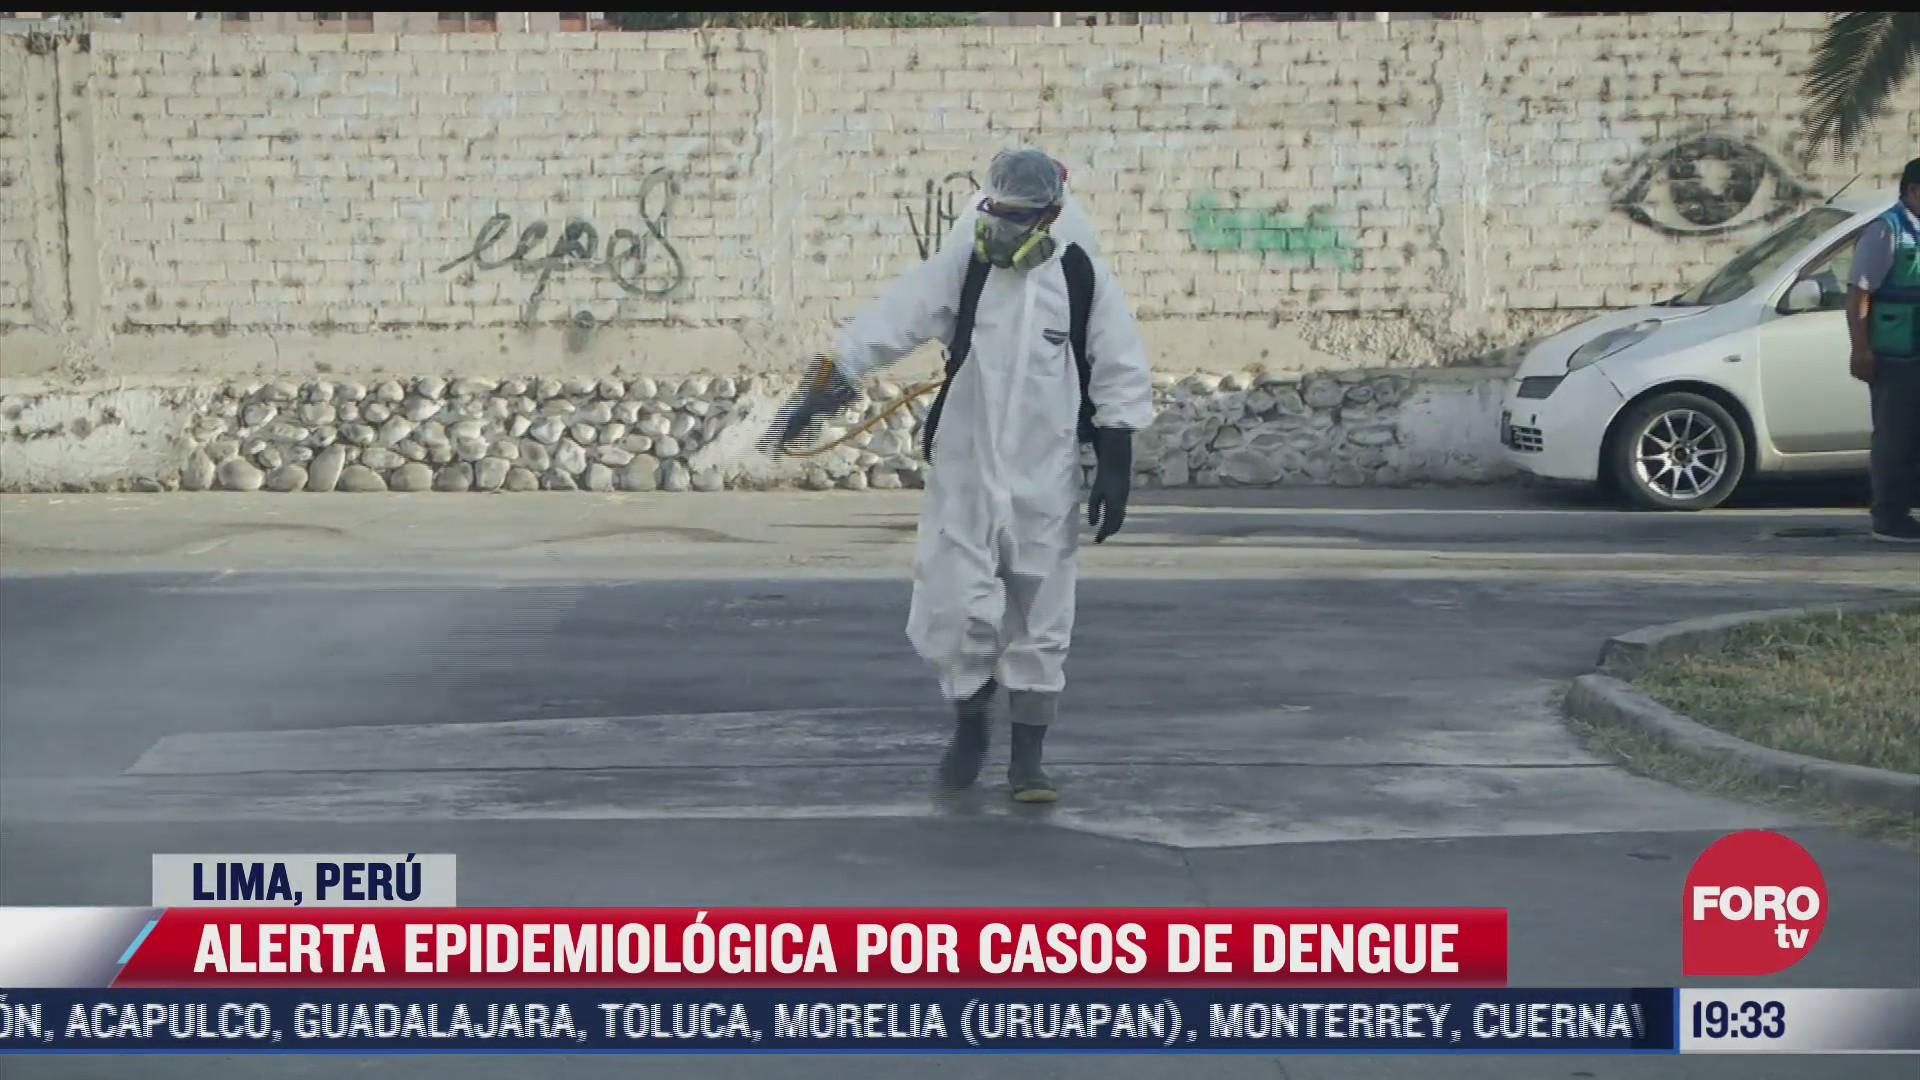 alerta epidemiologica por casos de dengue en peru